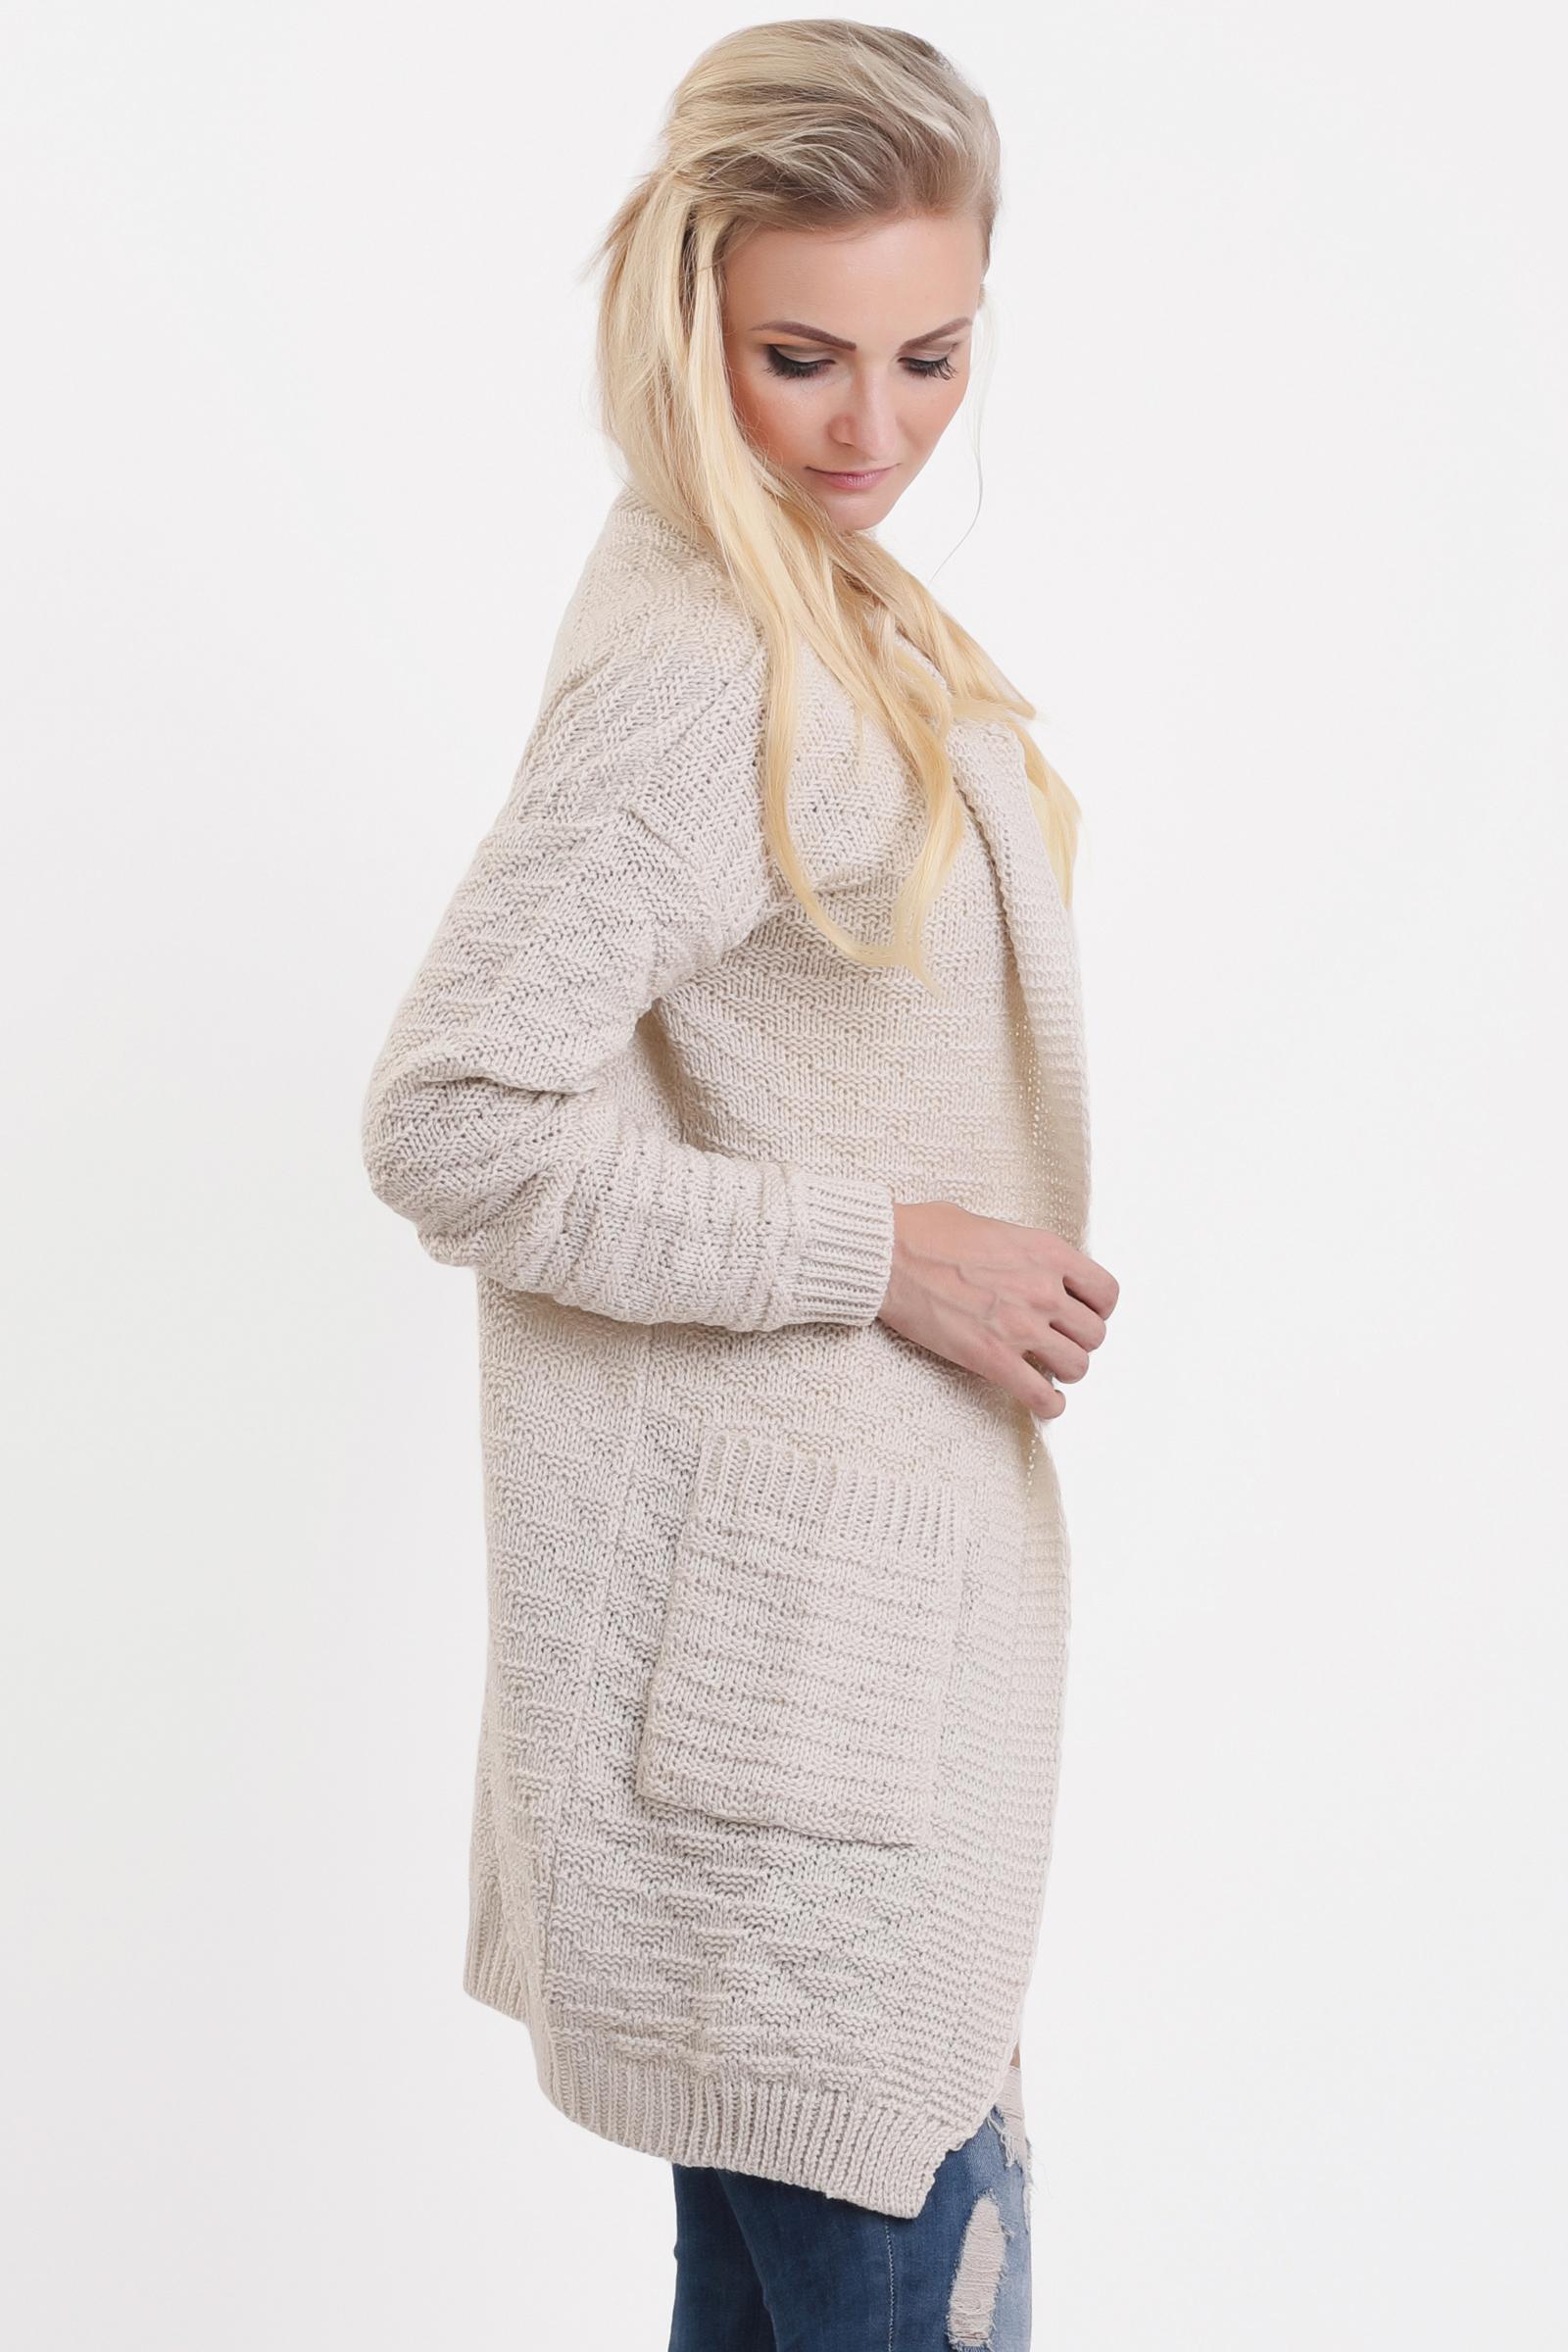 79efded342f9 Krémový pletený dámsky sveter s vreckami SOFFIA zväčšiť obrázok